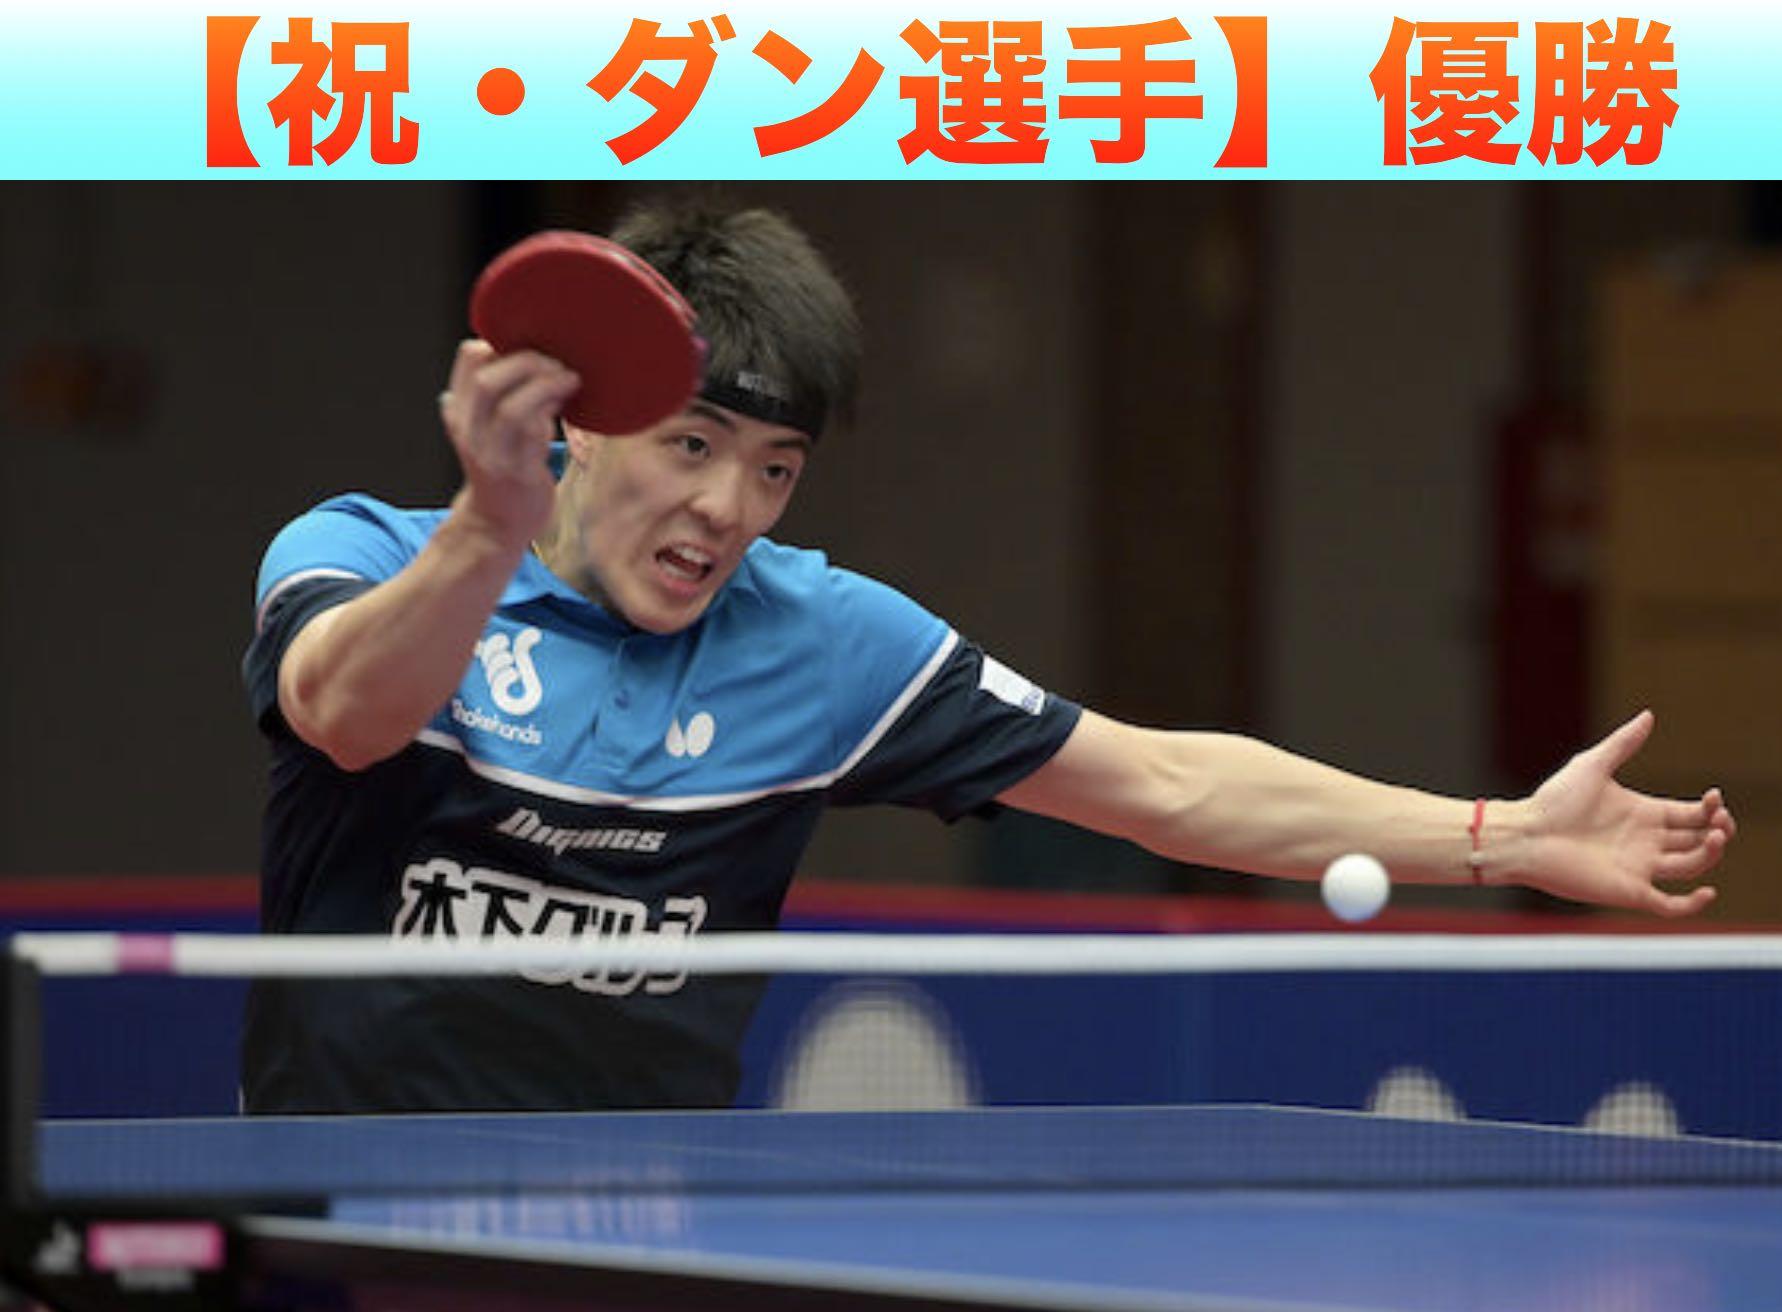 【デュッセルドルフマスターズ】第6戦ダン選手が優勝!